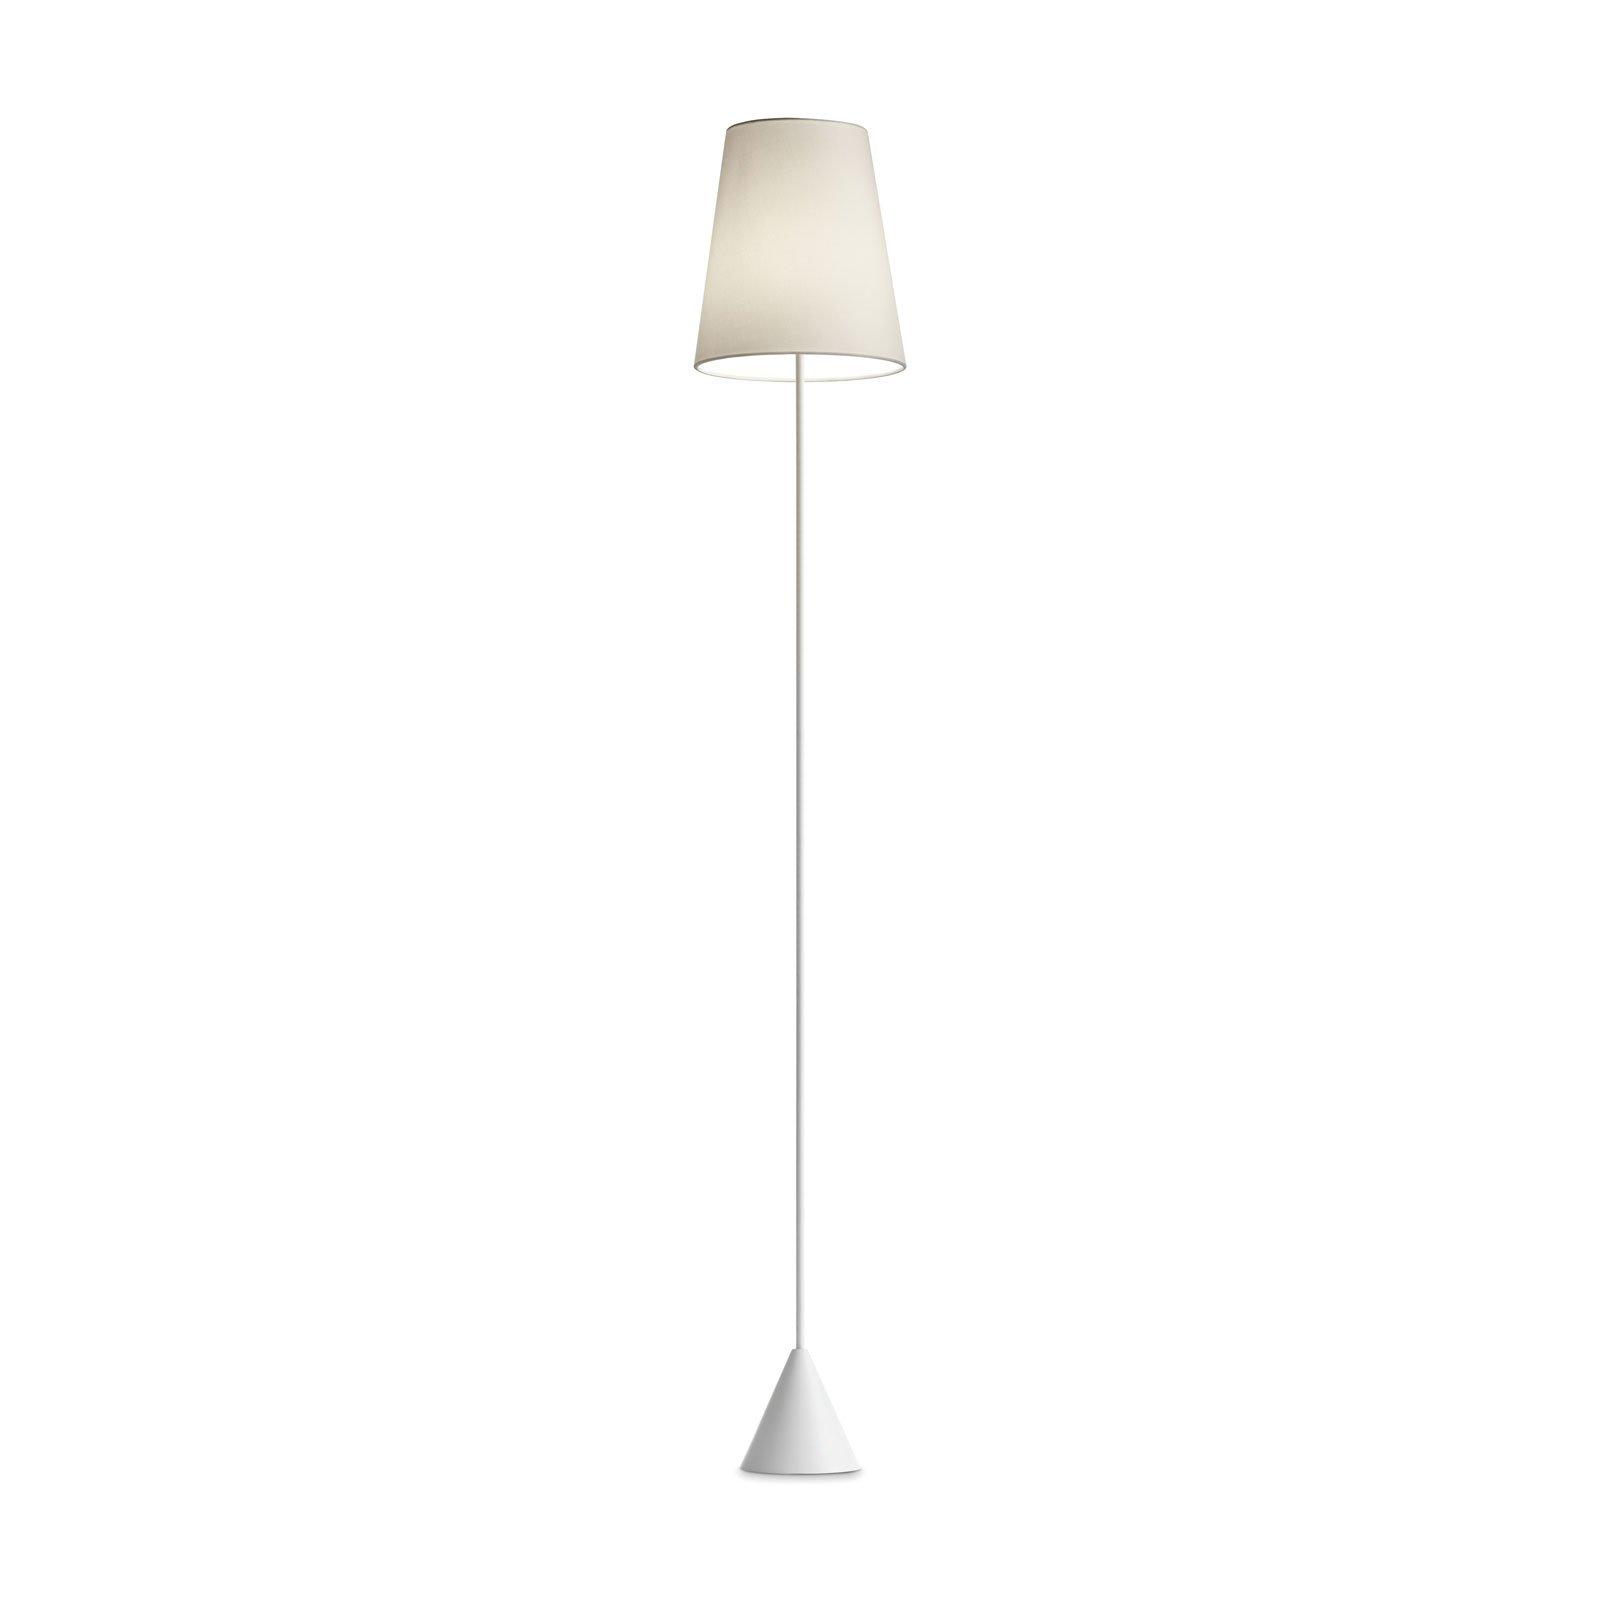 Modo Luce Lucilla gulvlampe Ø 24 cm hvit/elfenben